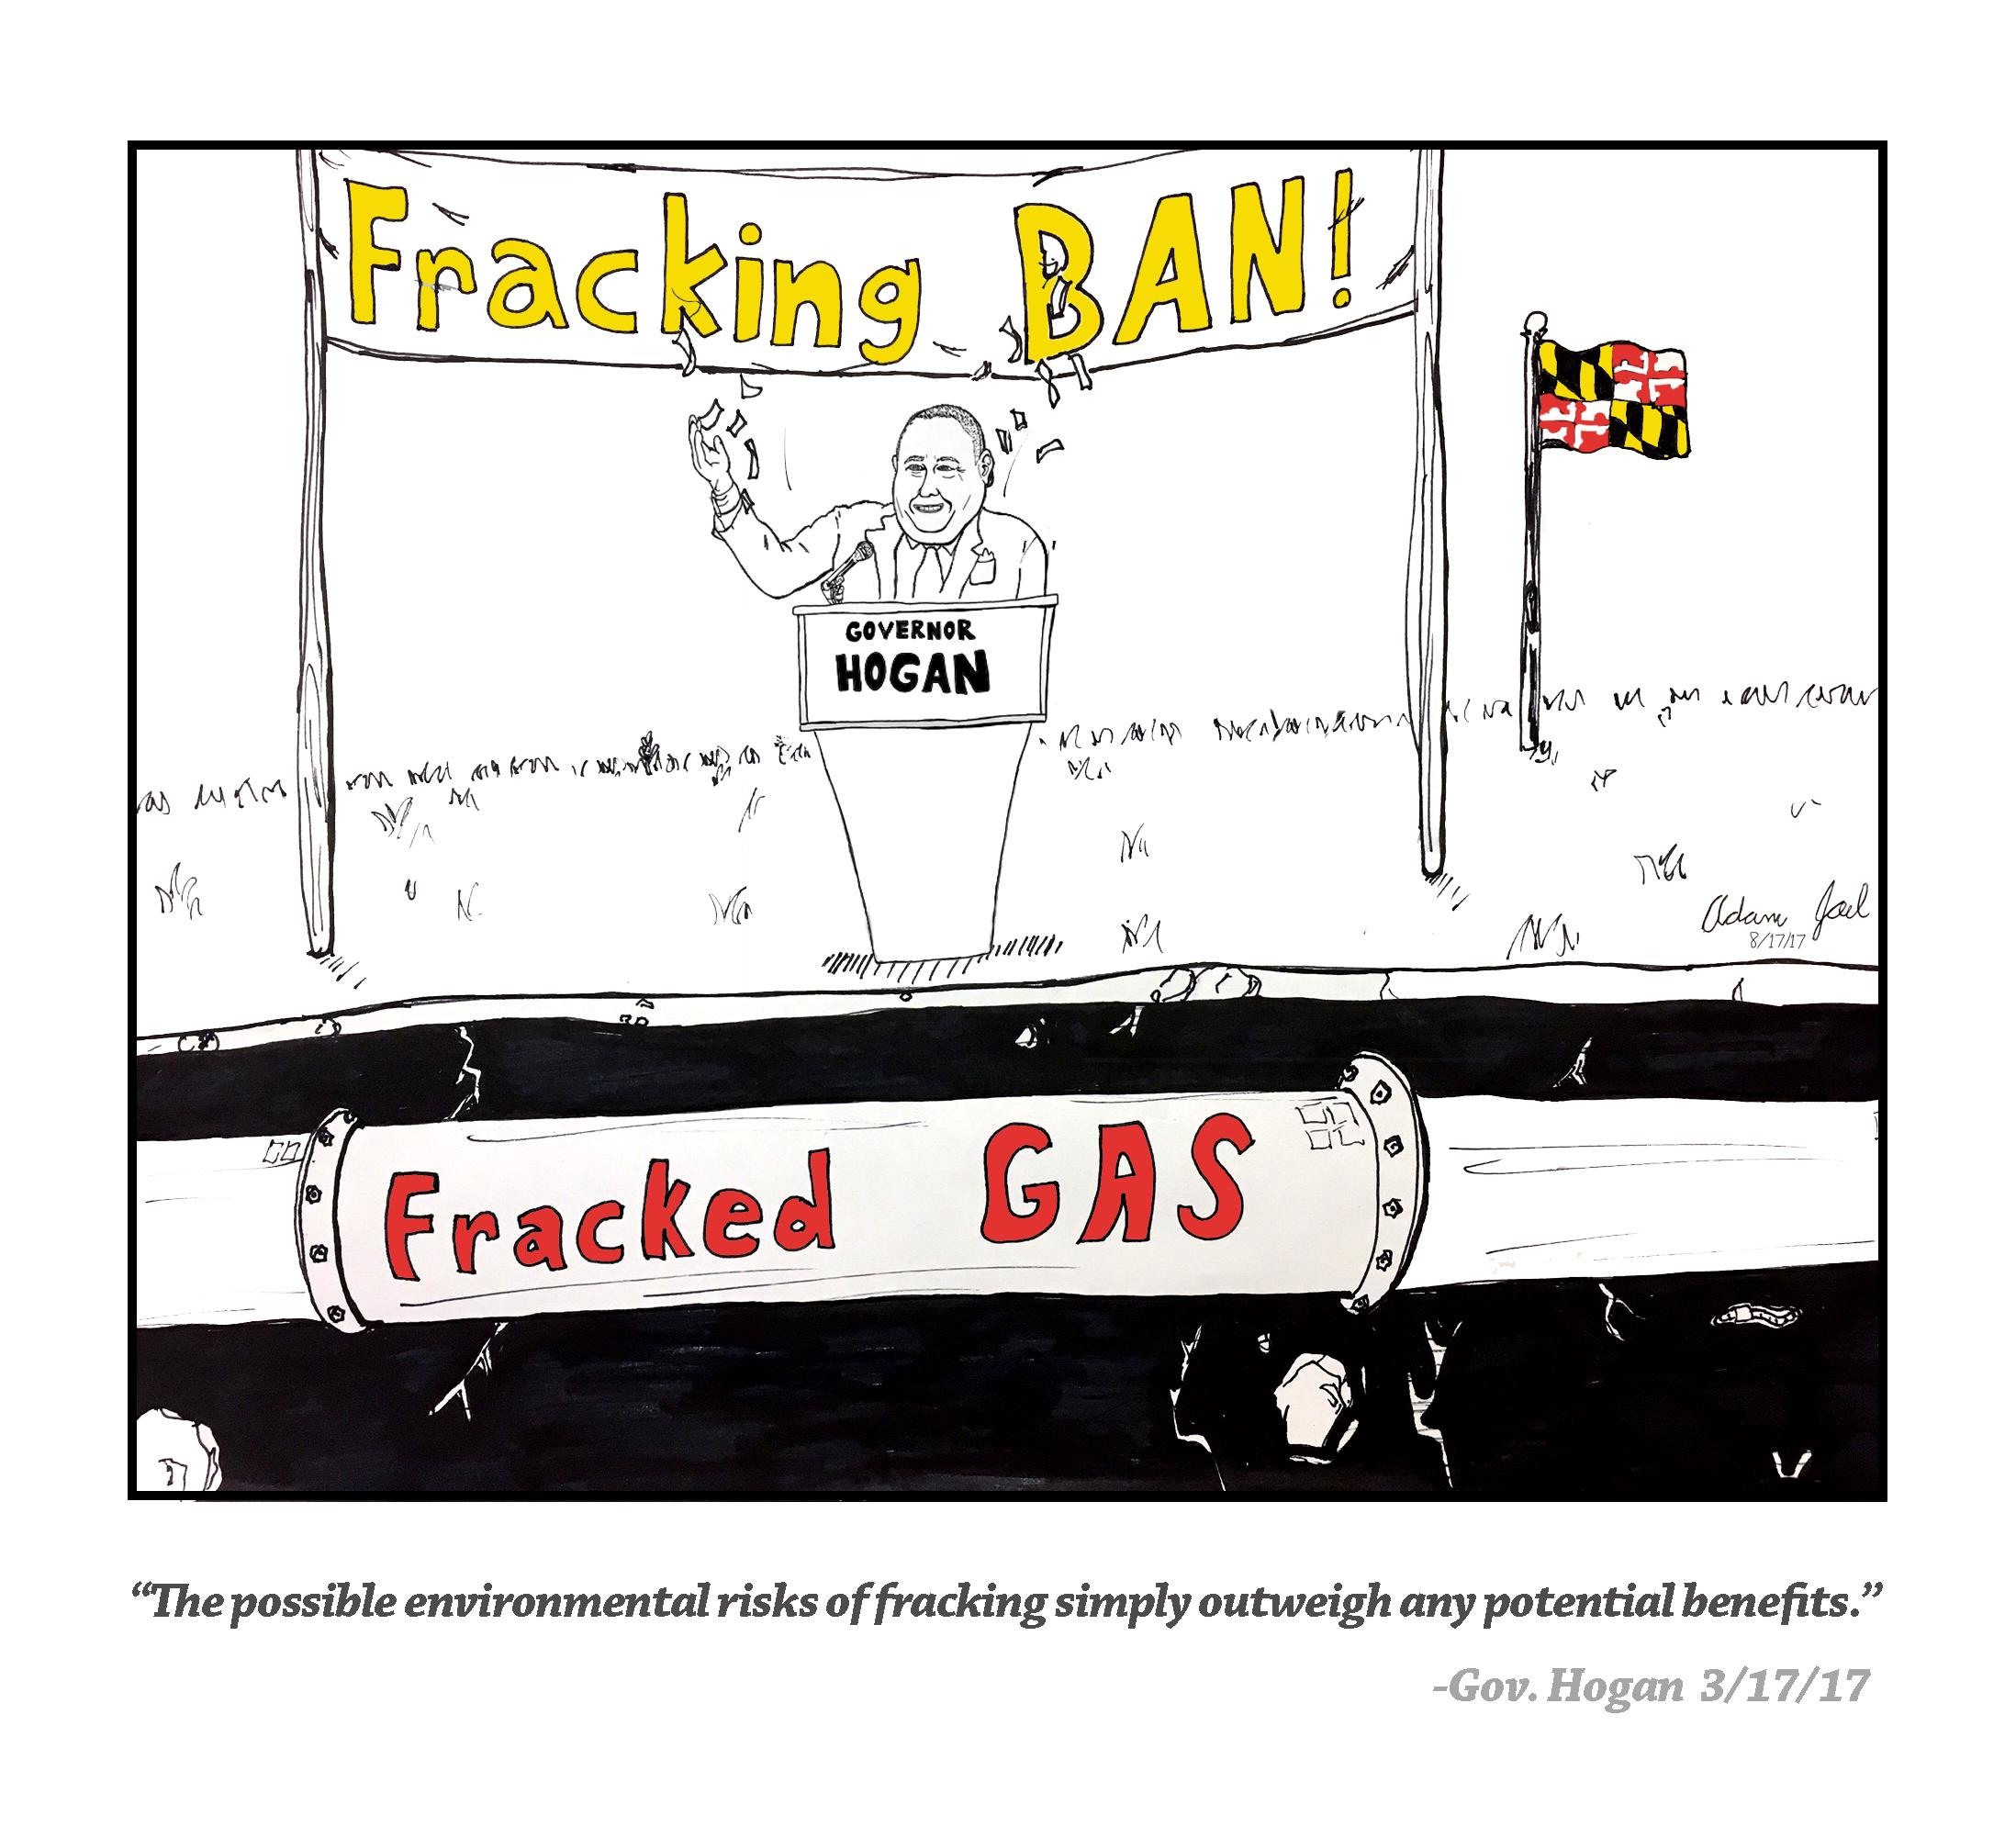 Hogan.FrackingHypocrisy